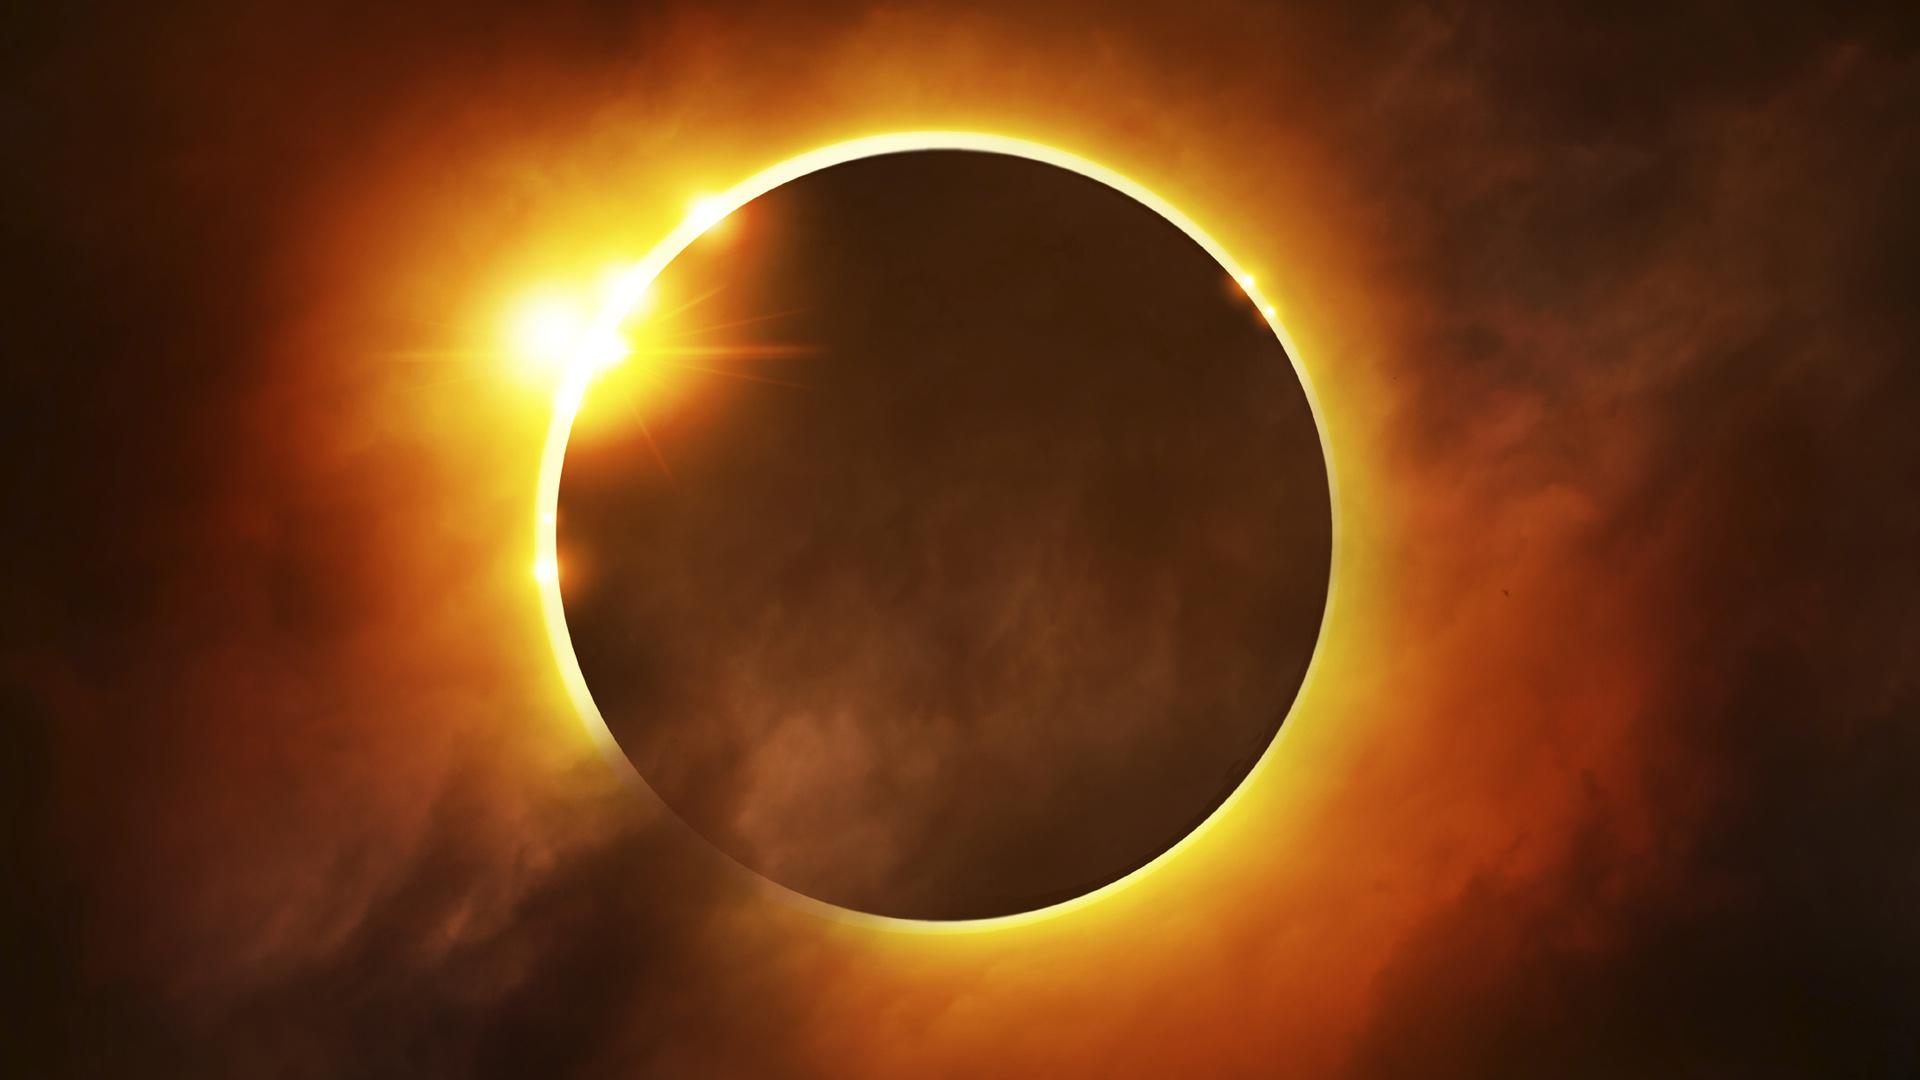 Será el único eclipse total de este año y solo podrá apreciarse en el Océano Índico a partir de las 6:30 pm hora de Venezuela